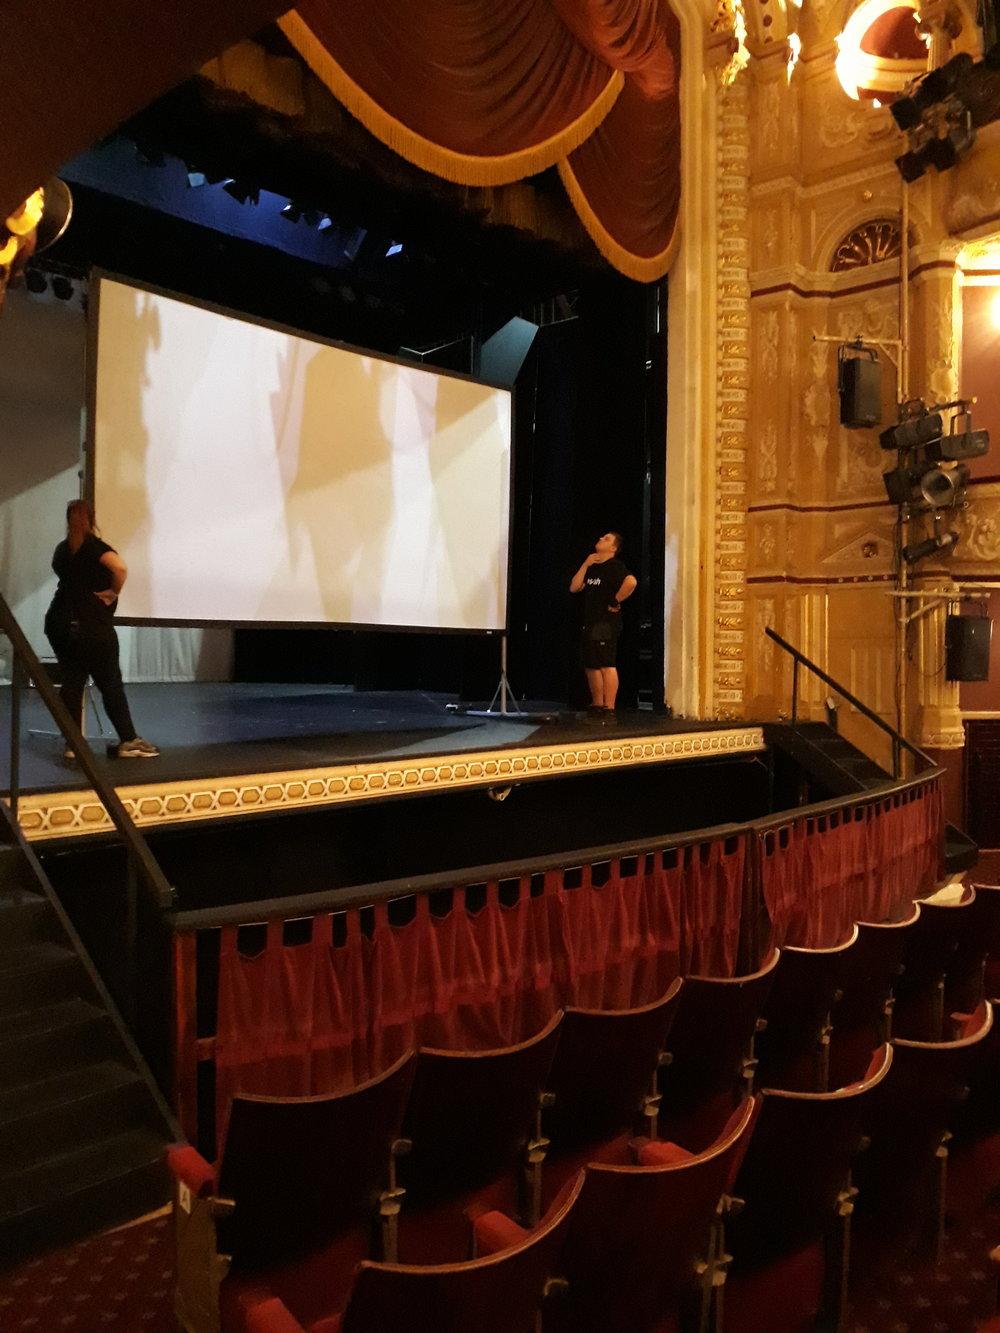 Preparing the big screen